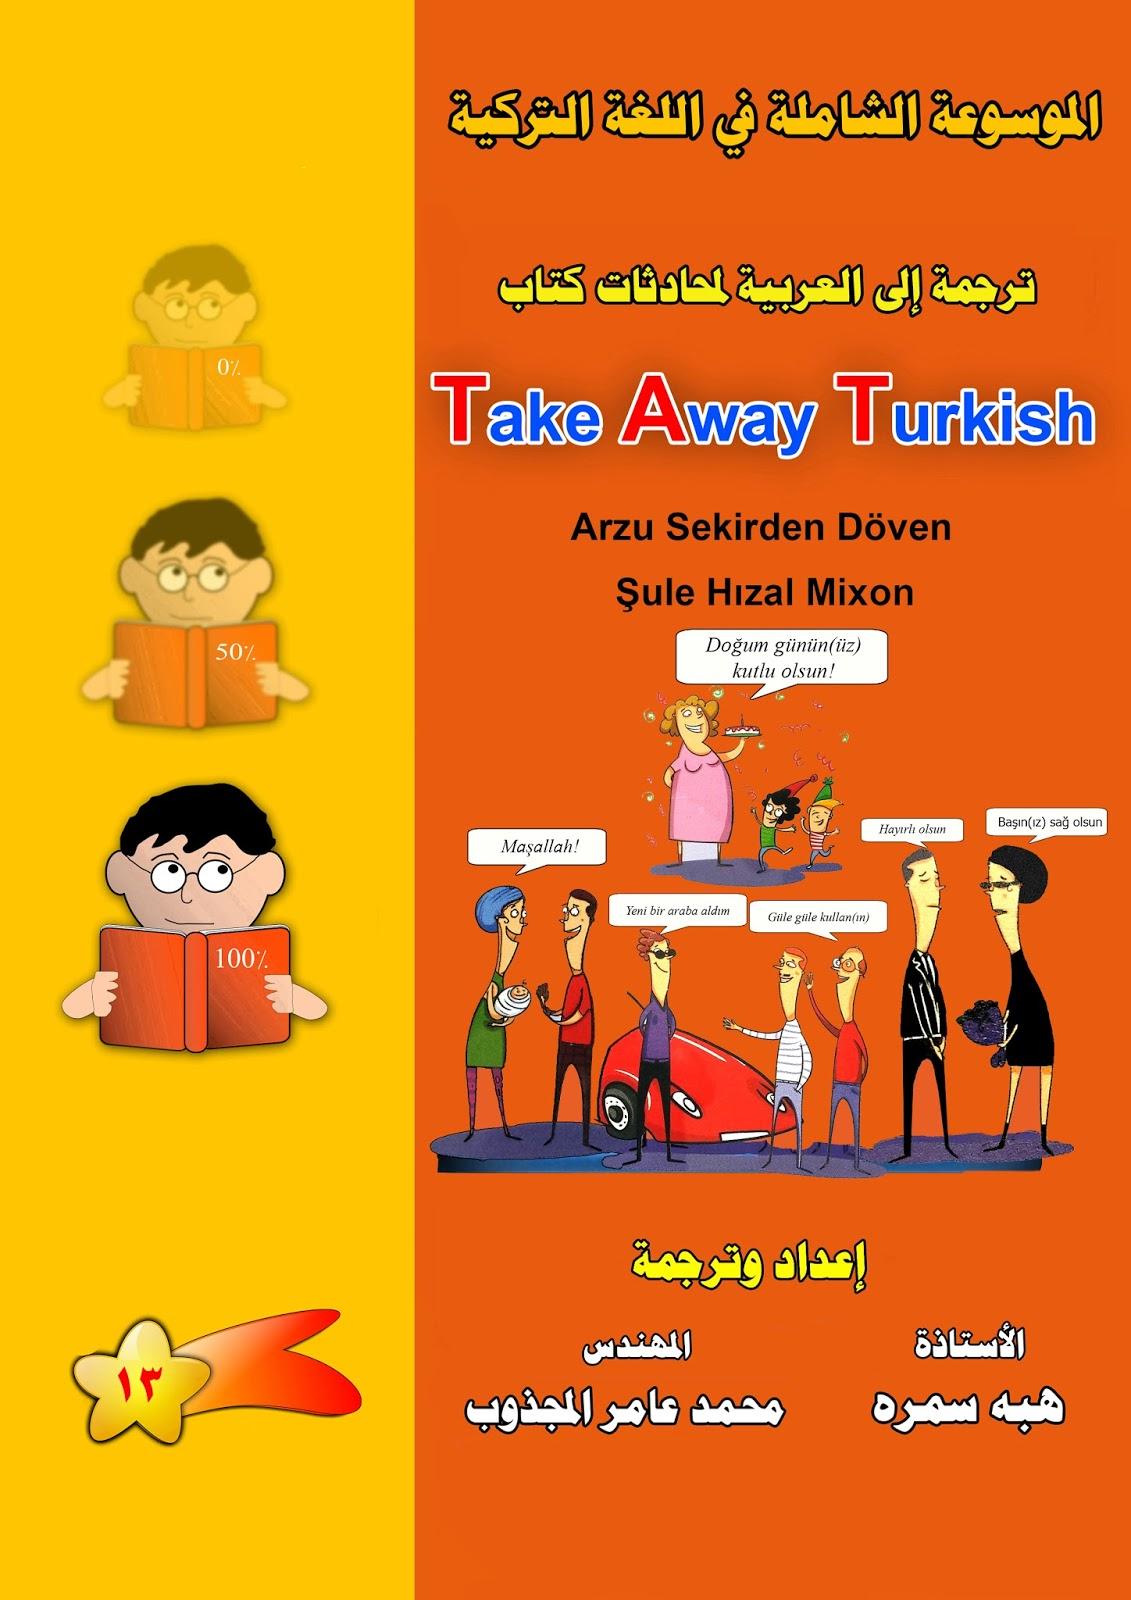 كتاب Take Away Turkish مترجم من التركية إلى العربية تركيا بالعربي